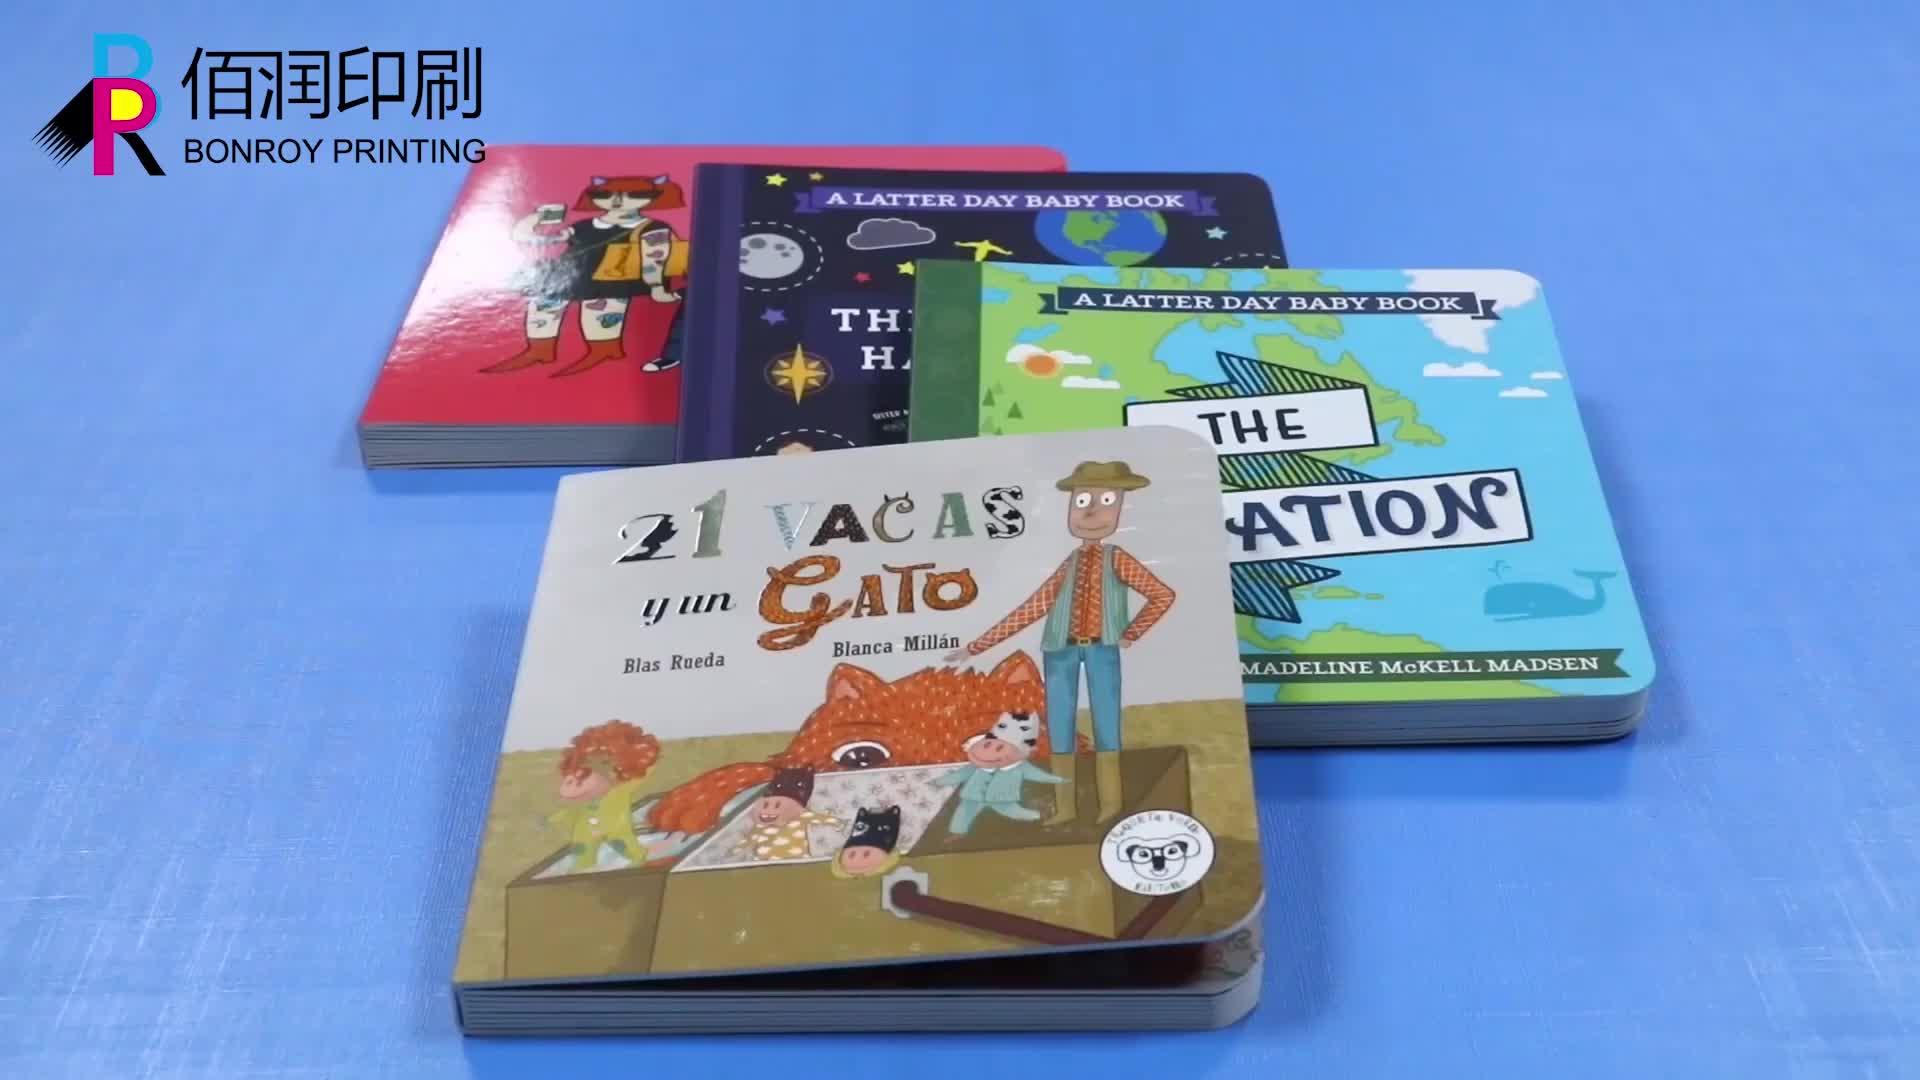 การพิมพ์หนังสือปกอ่อน,การพิมพ์หนังสืออ่อน,การพิมพ์หนังสือราคาถูกในประเทศจีน